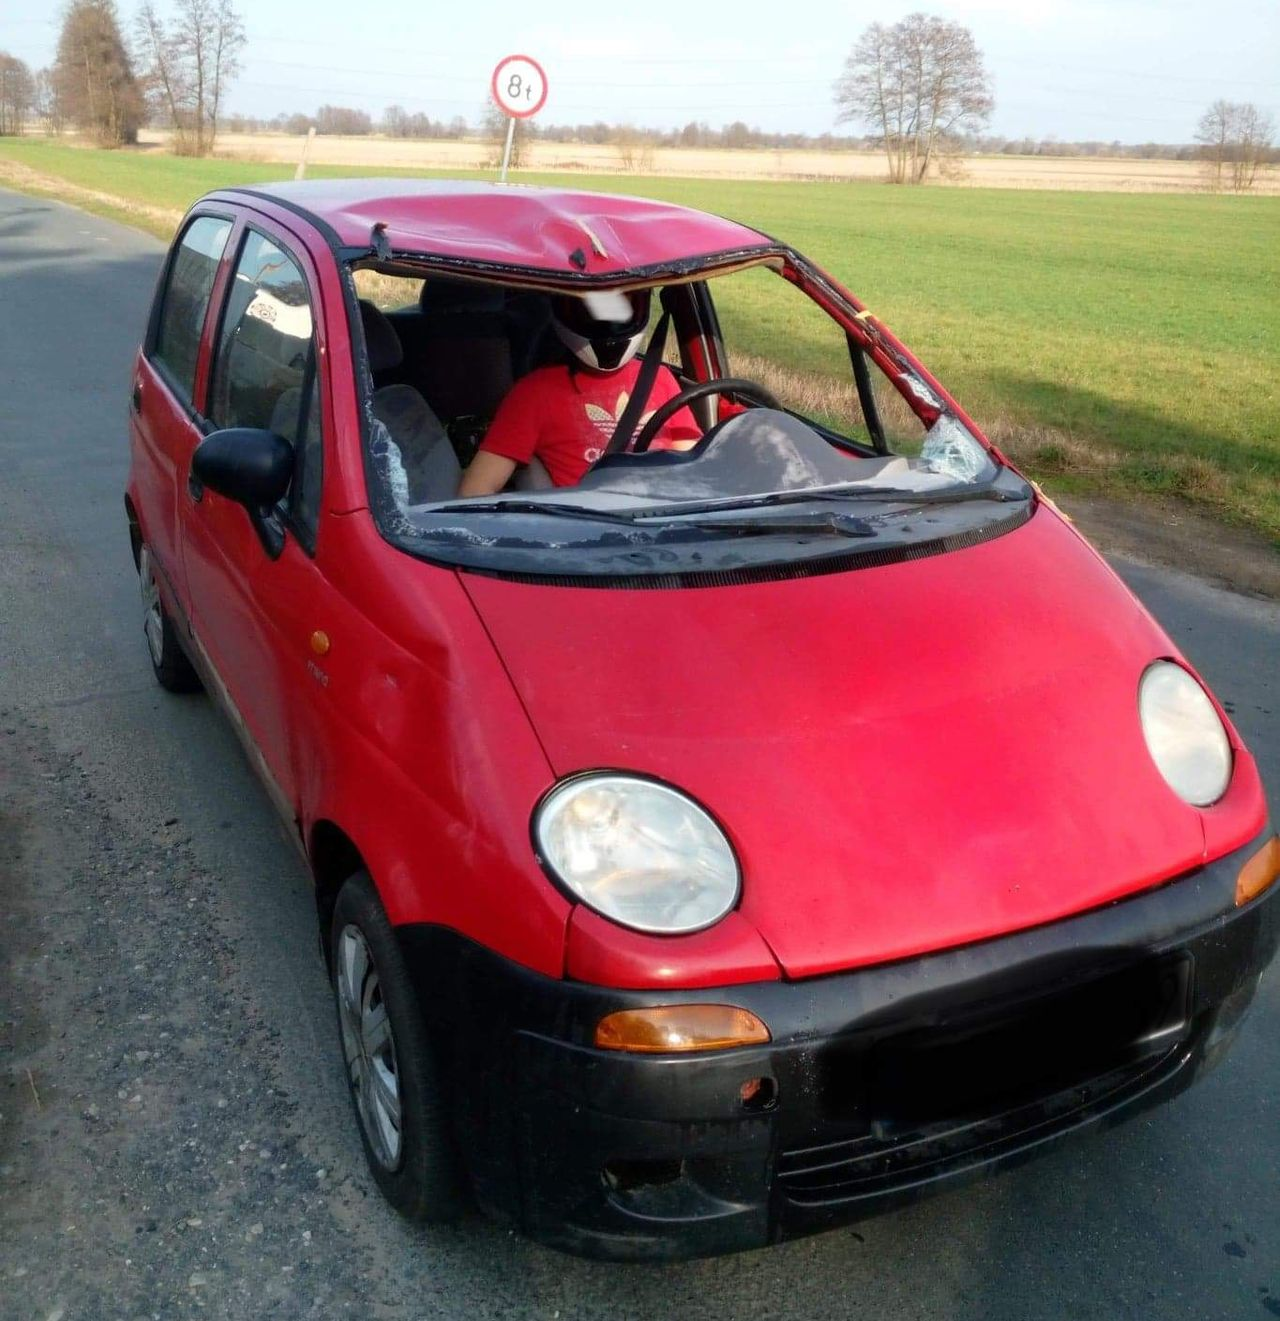 Jechał autem bez przedniej szyby, ale w pasach i kasku na głowie   - Zdjęcie główne